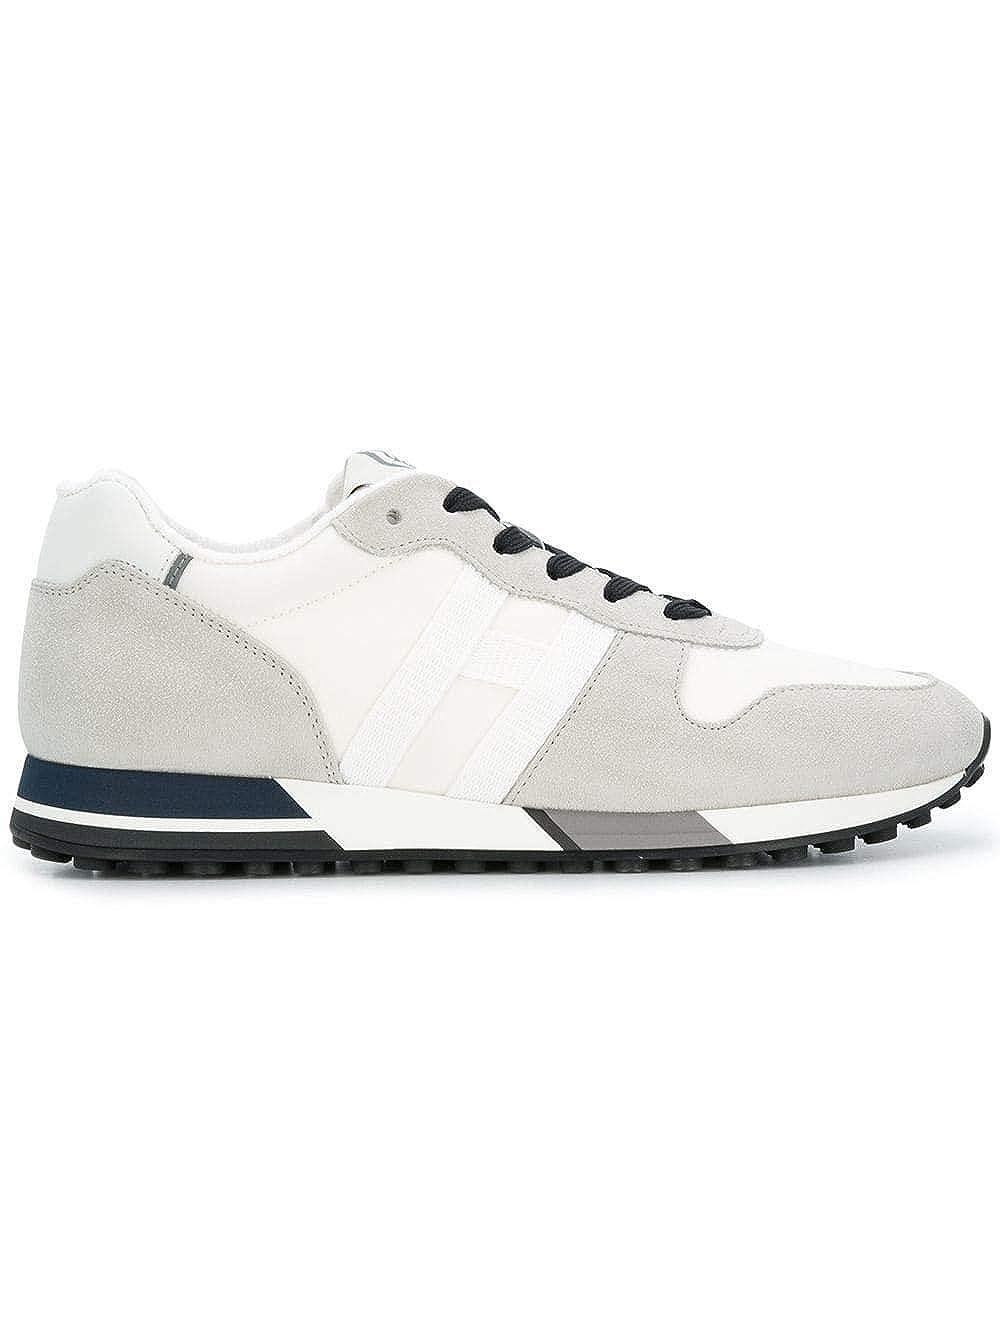 - Hogan Men's HXM3830AN50JIJ515E White Leather Sneakers